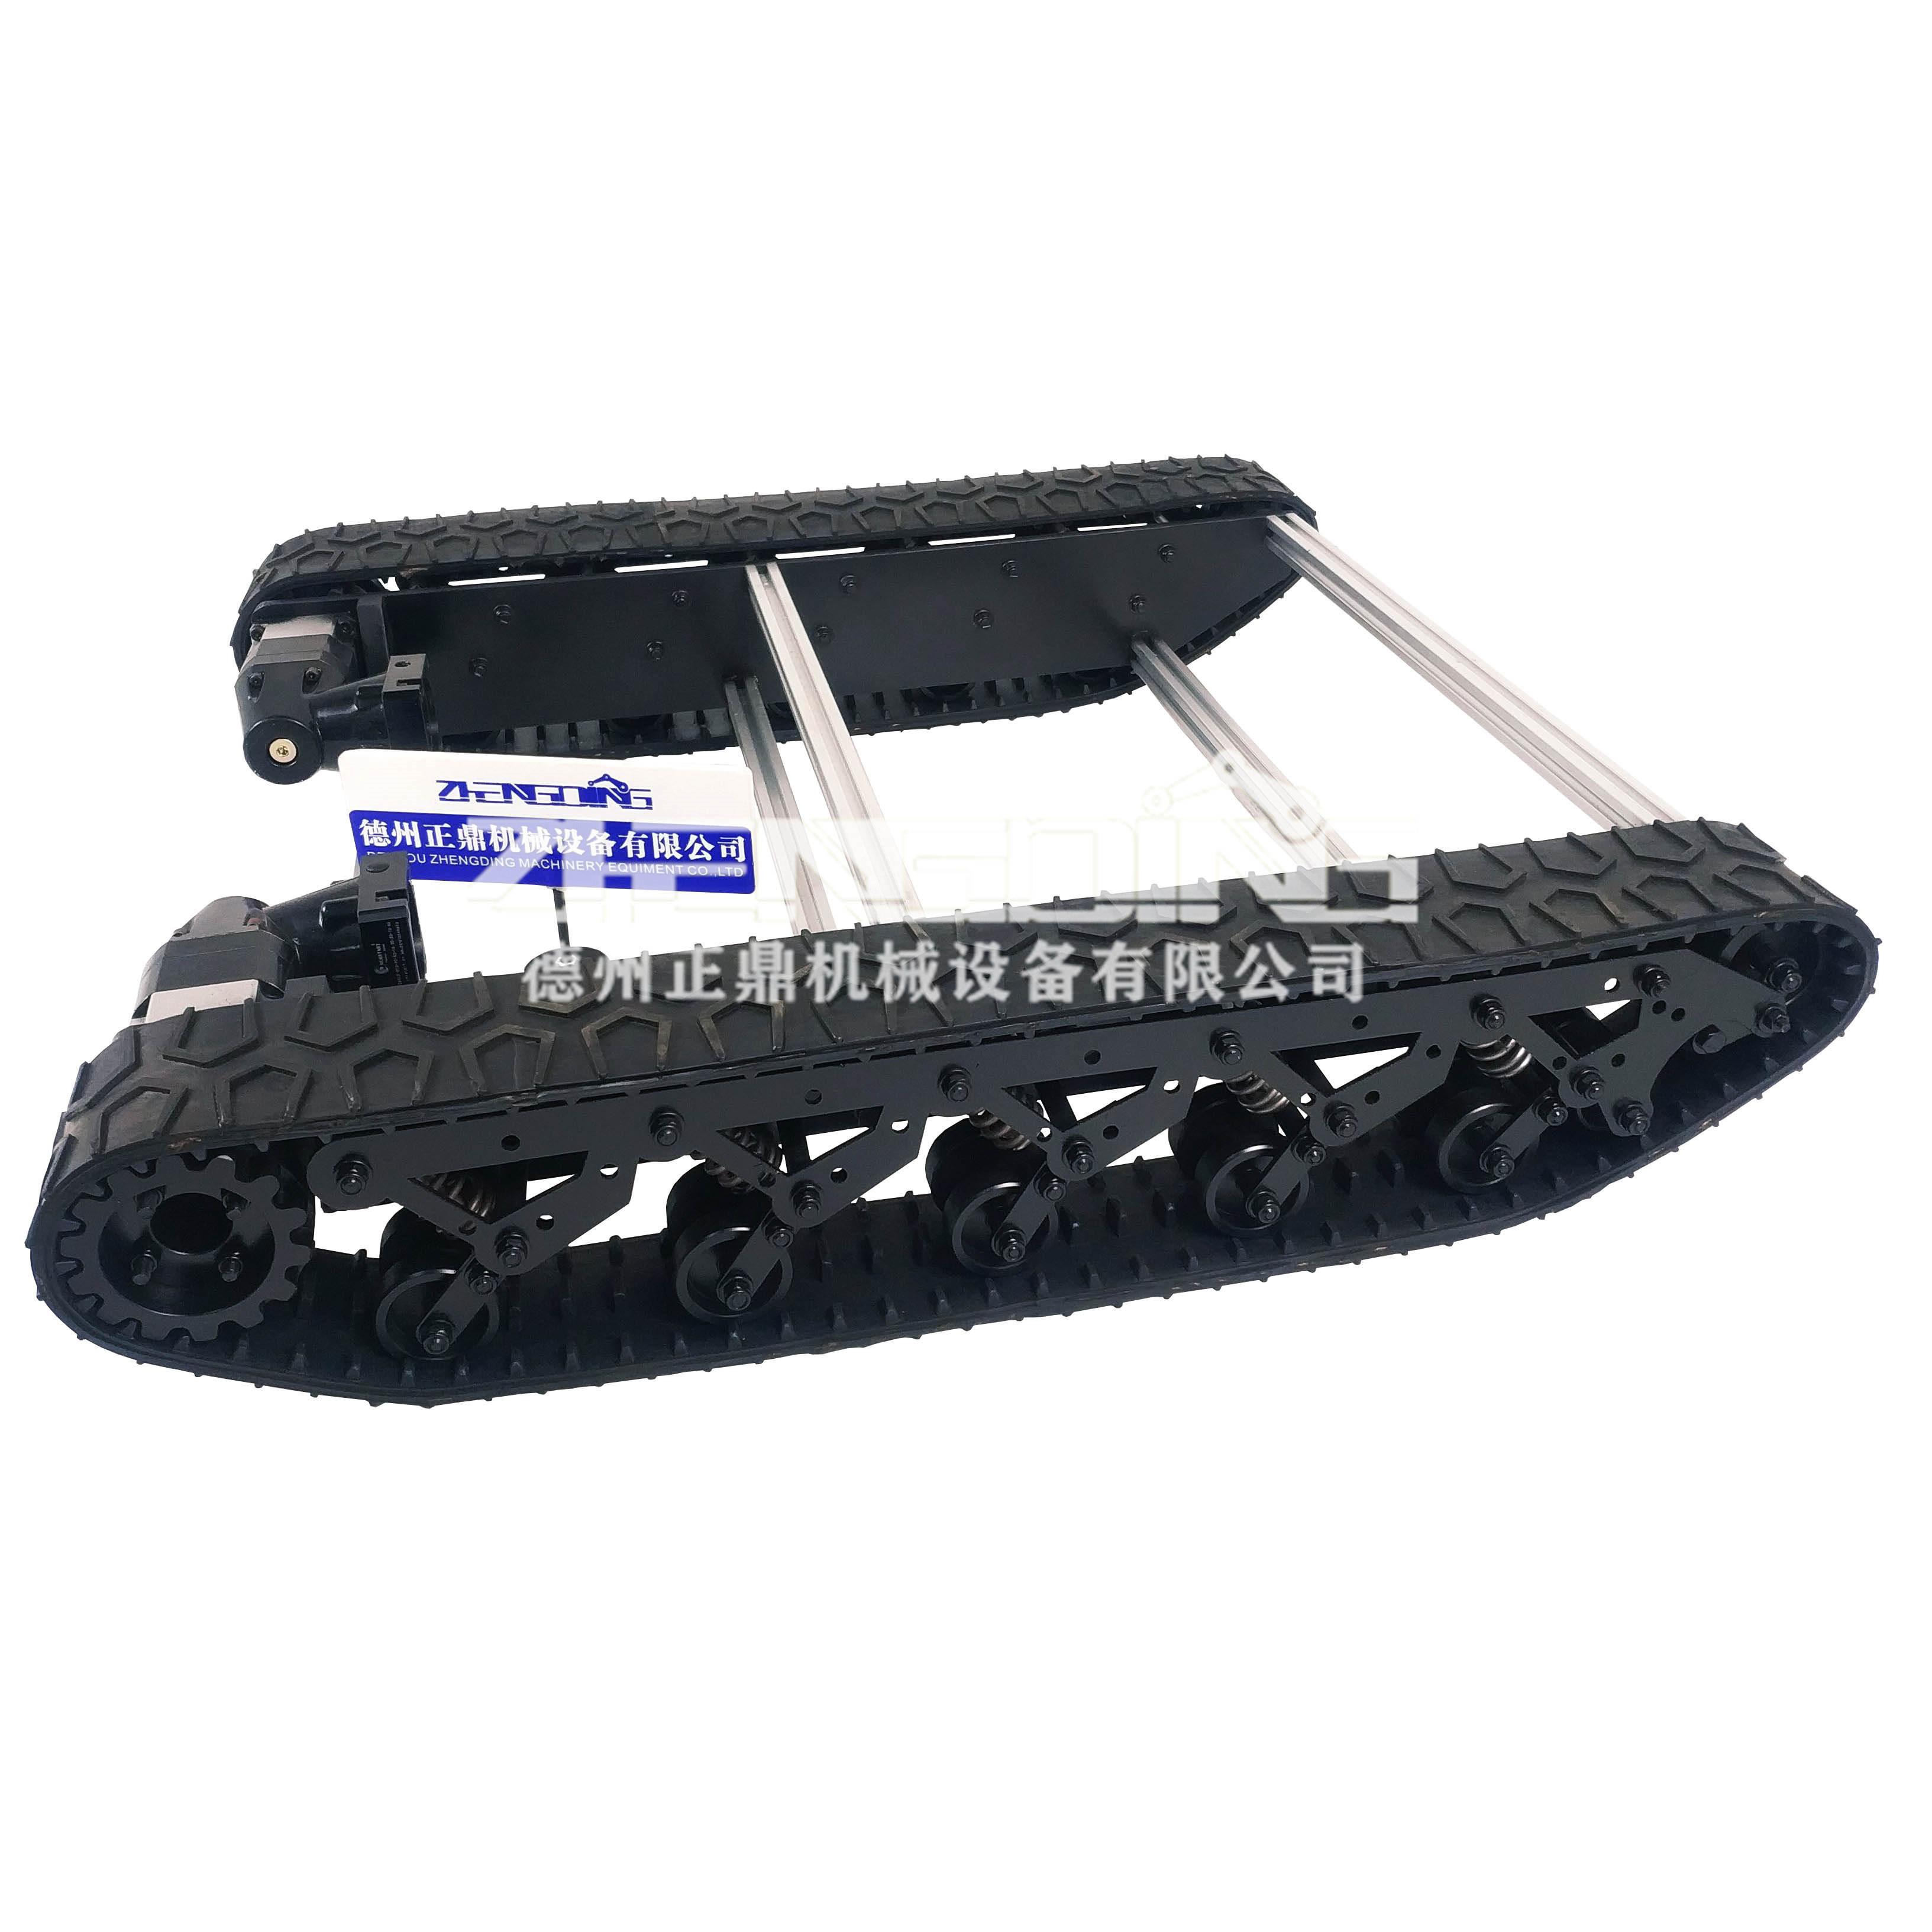 ZDDP-QZHGD-80橡胶履带底盘